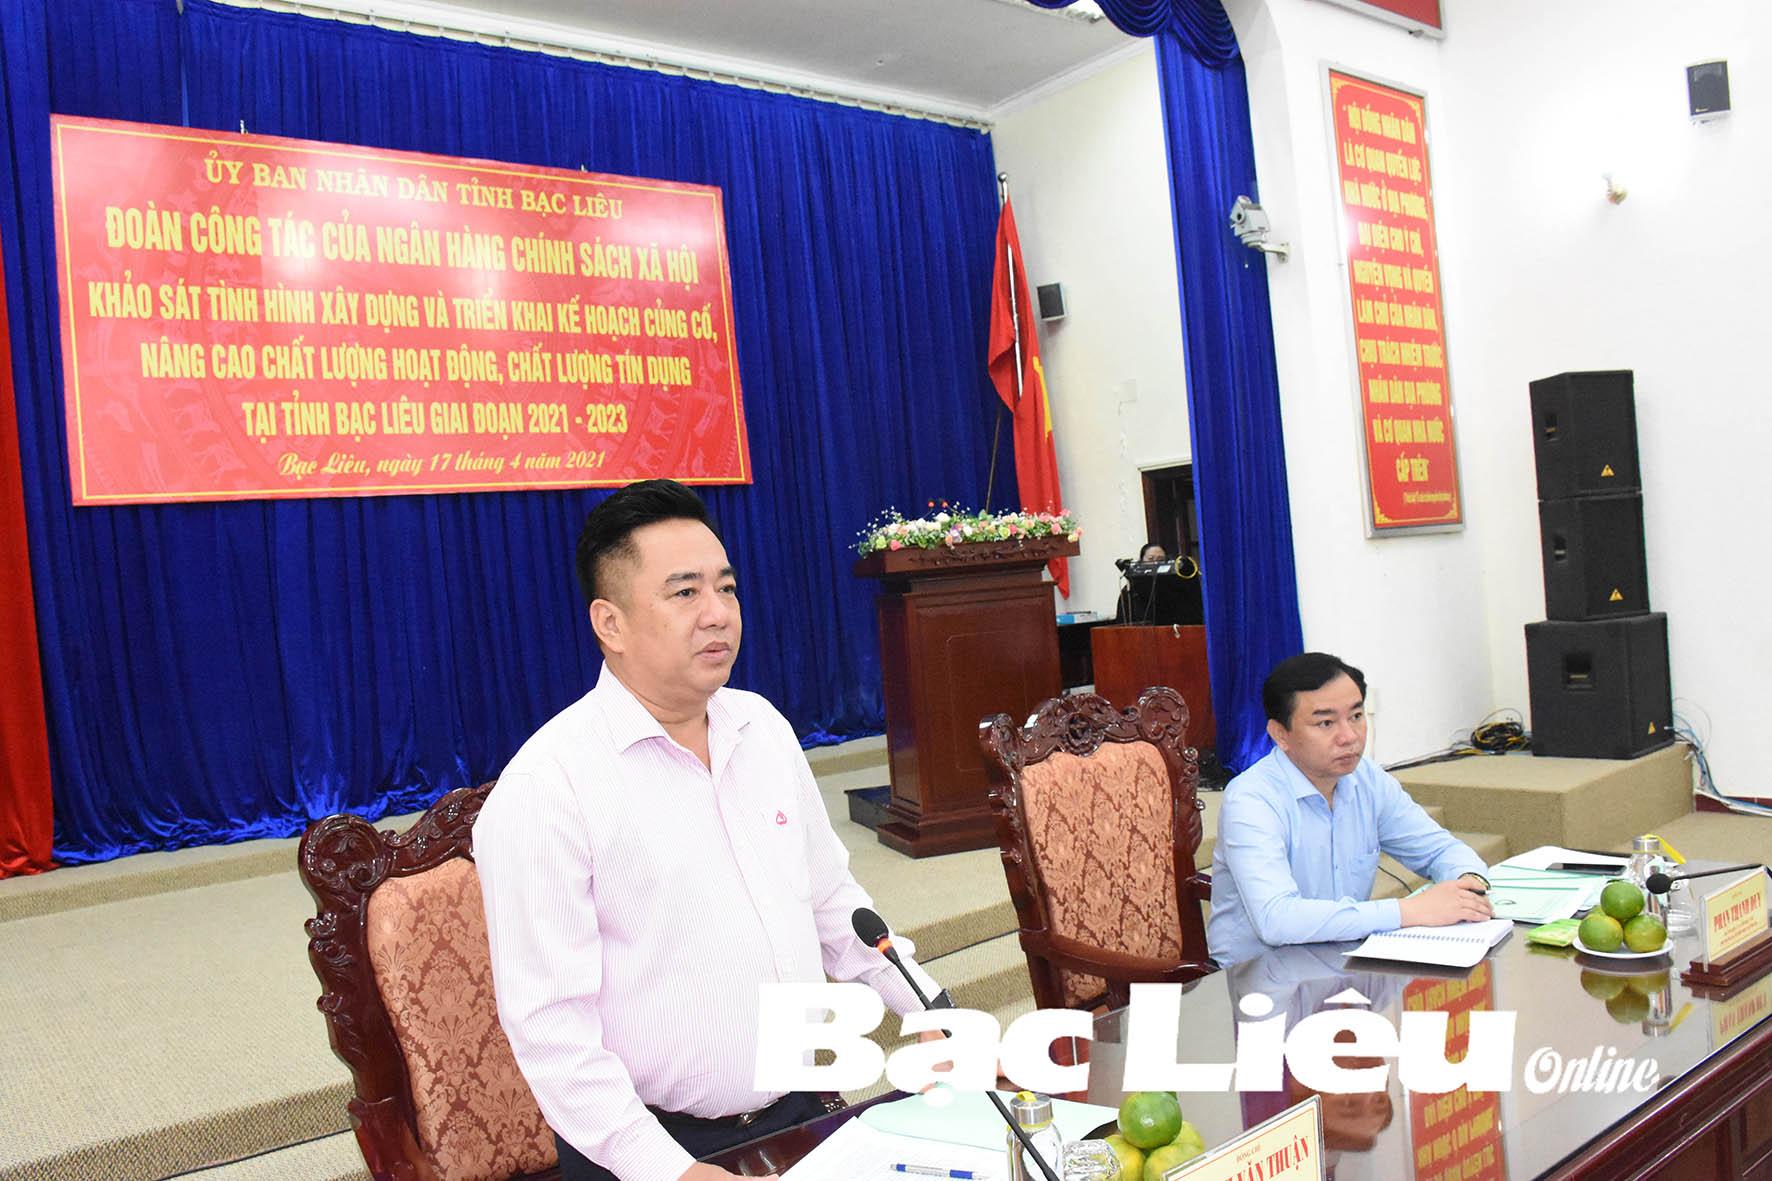 Đoàn công tác của Ngân hàng Chính sách xã hội Việt Nam làm việc tại Bạc Liêu: Tỉnh cần chỉ đạo sâu sát trong củng cố, nâng cao chất lượng hoạt động, chất lượng tín dụng